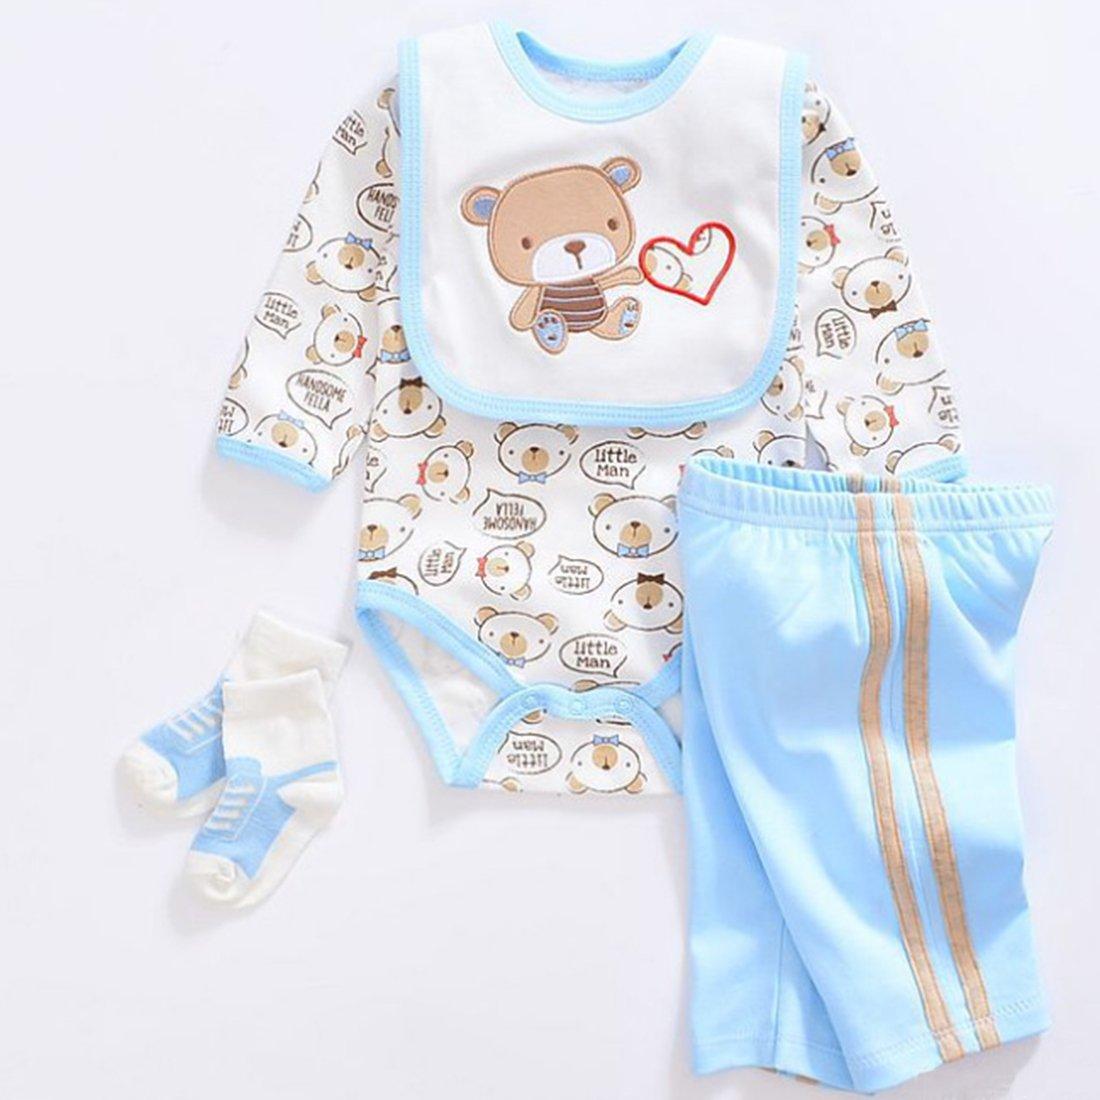 Vêtement Convient pour Les Vêtements de Poupée de 20-22 Pouces, Bébé Reborn Baby Doll, Vêtements (4 en 1)